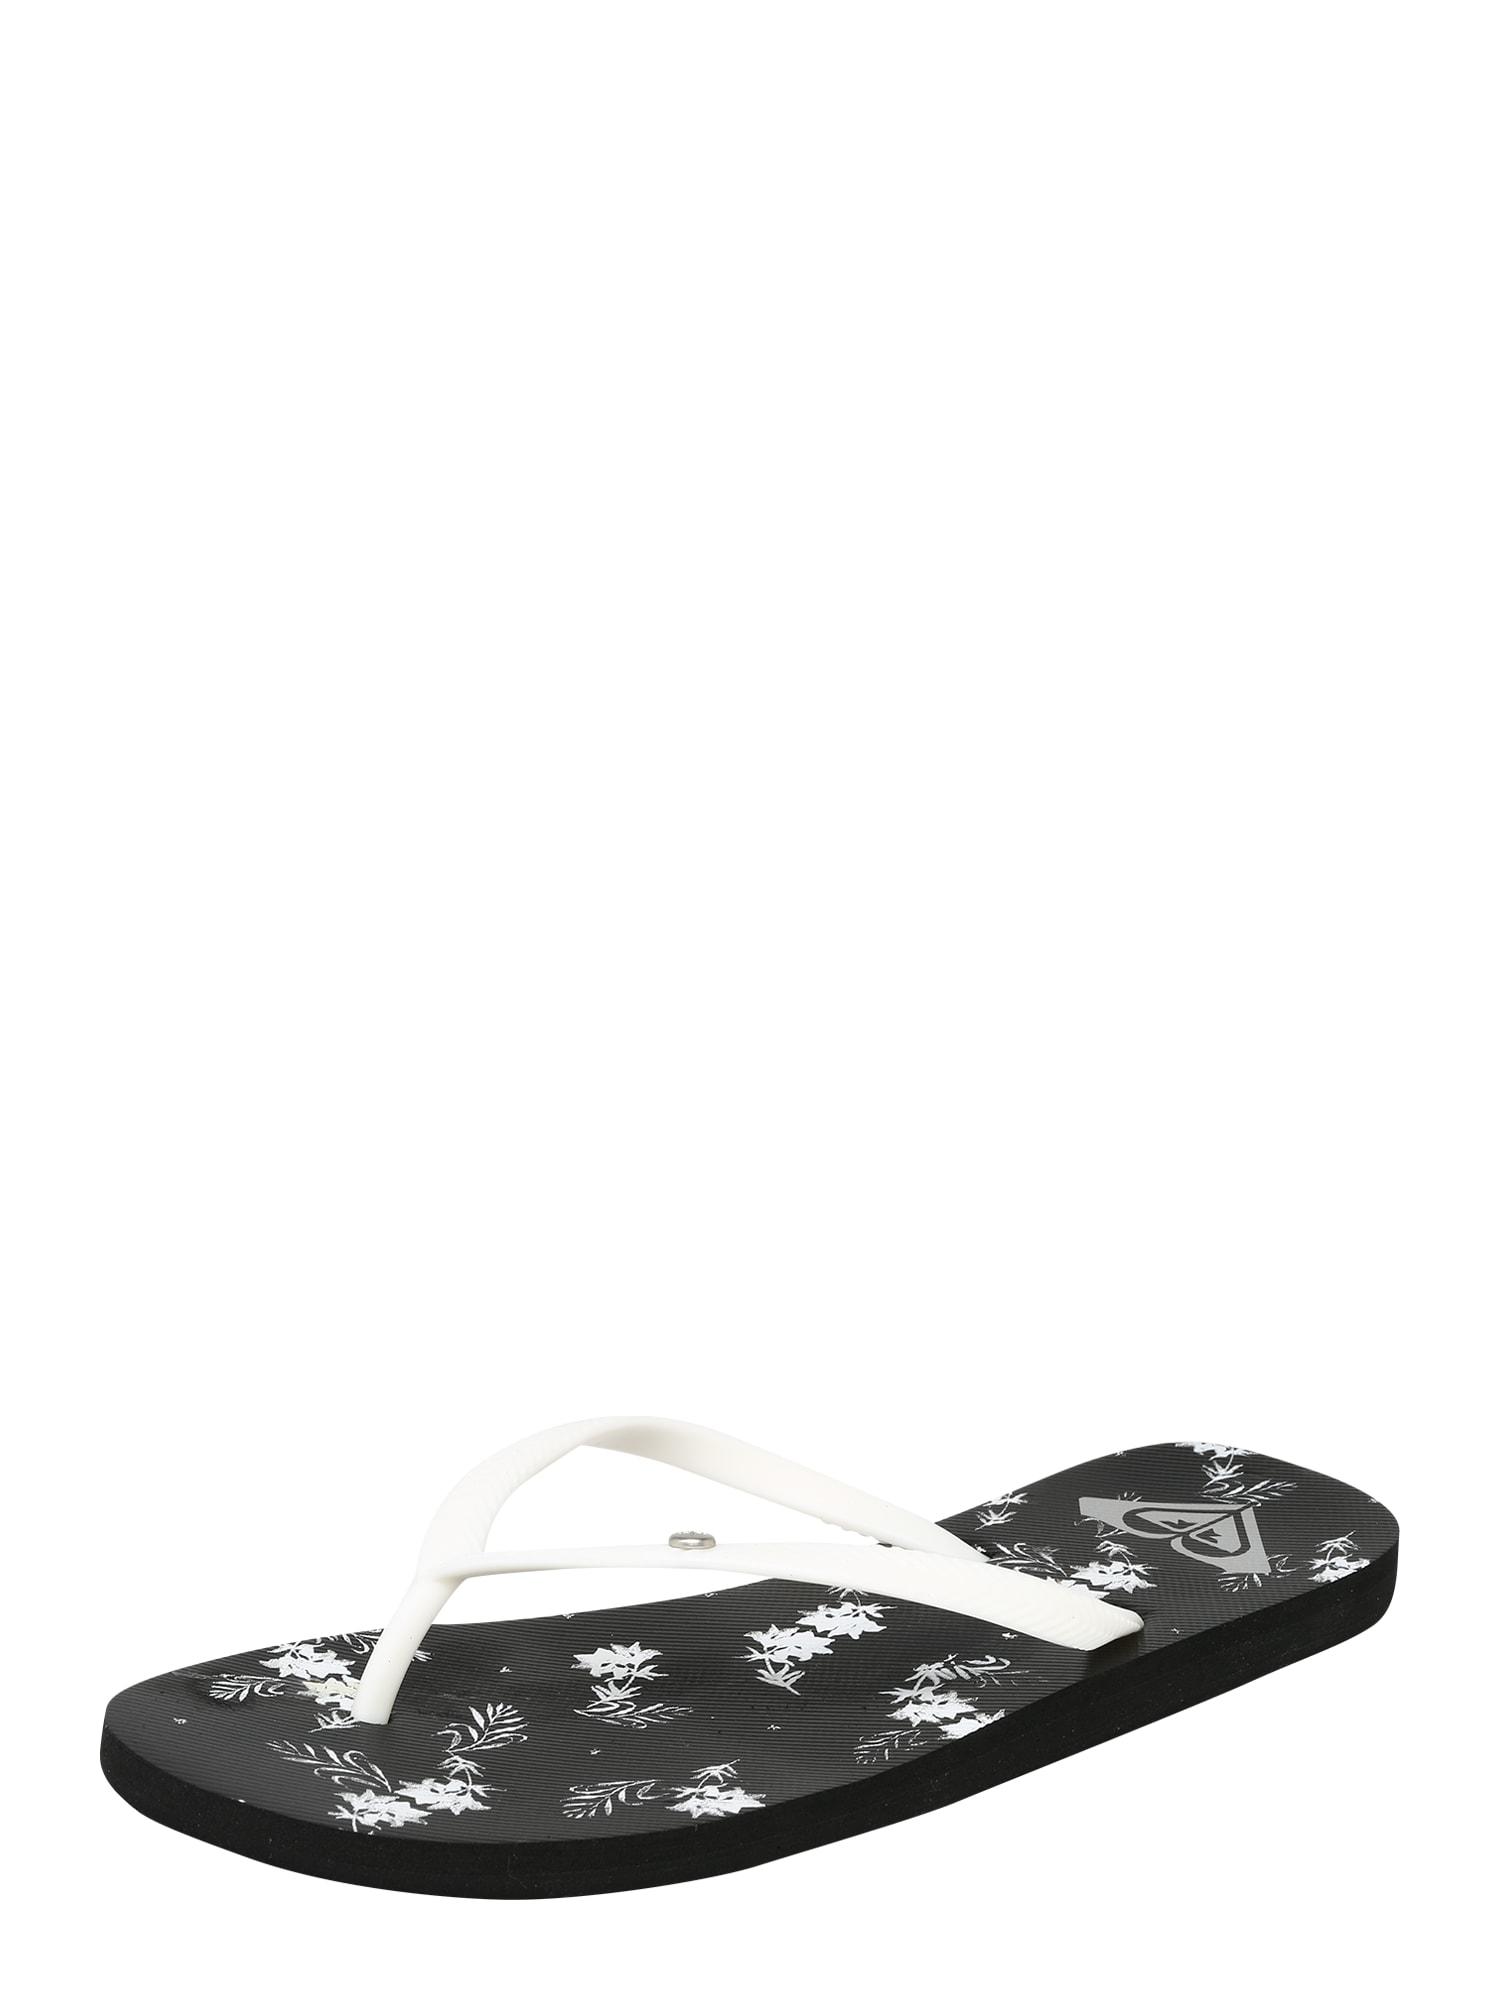 Plážovákoupací obuv BERMUDA II J SNDL černá bílá ROXY